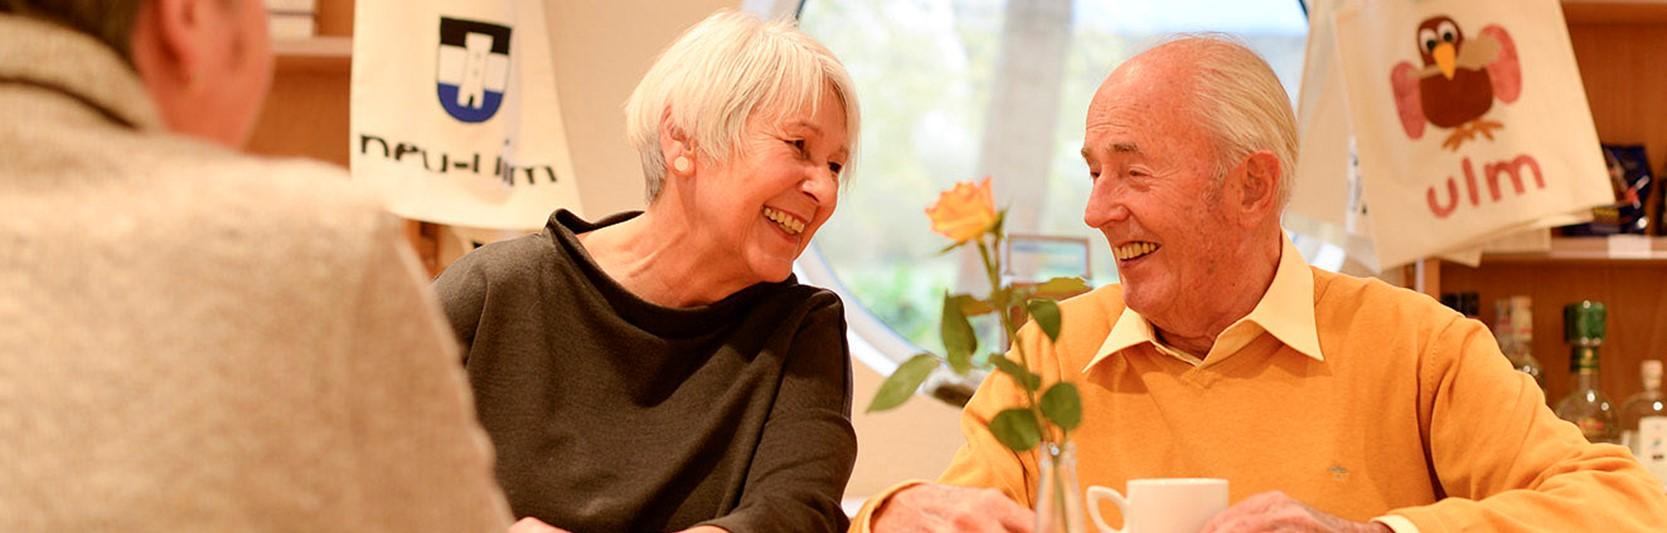 Newsartikel:Neuer Wegweiser für gehobenes Wohnen im Alter